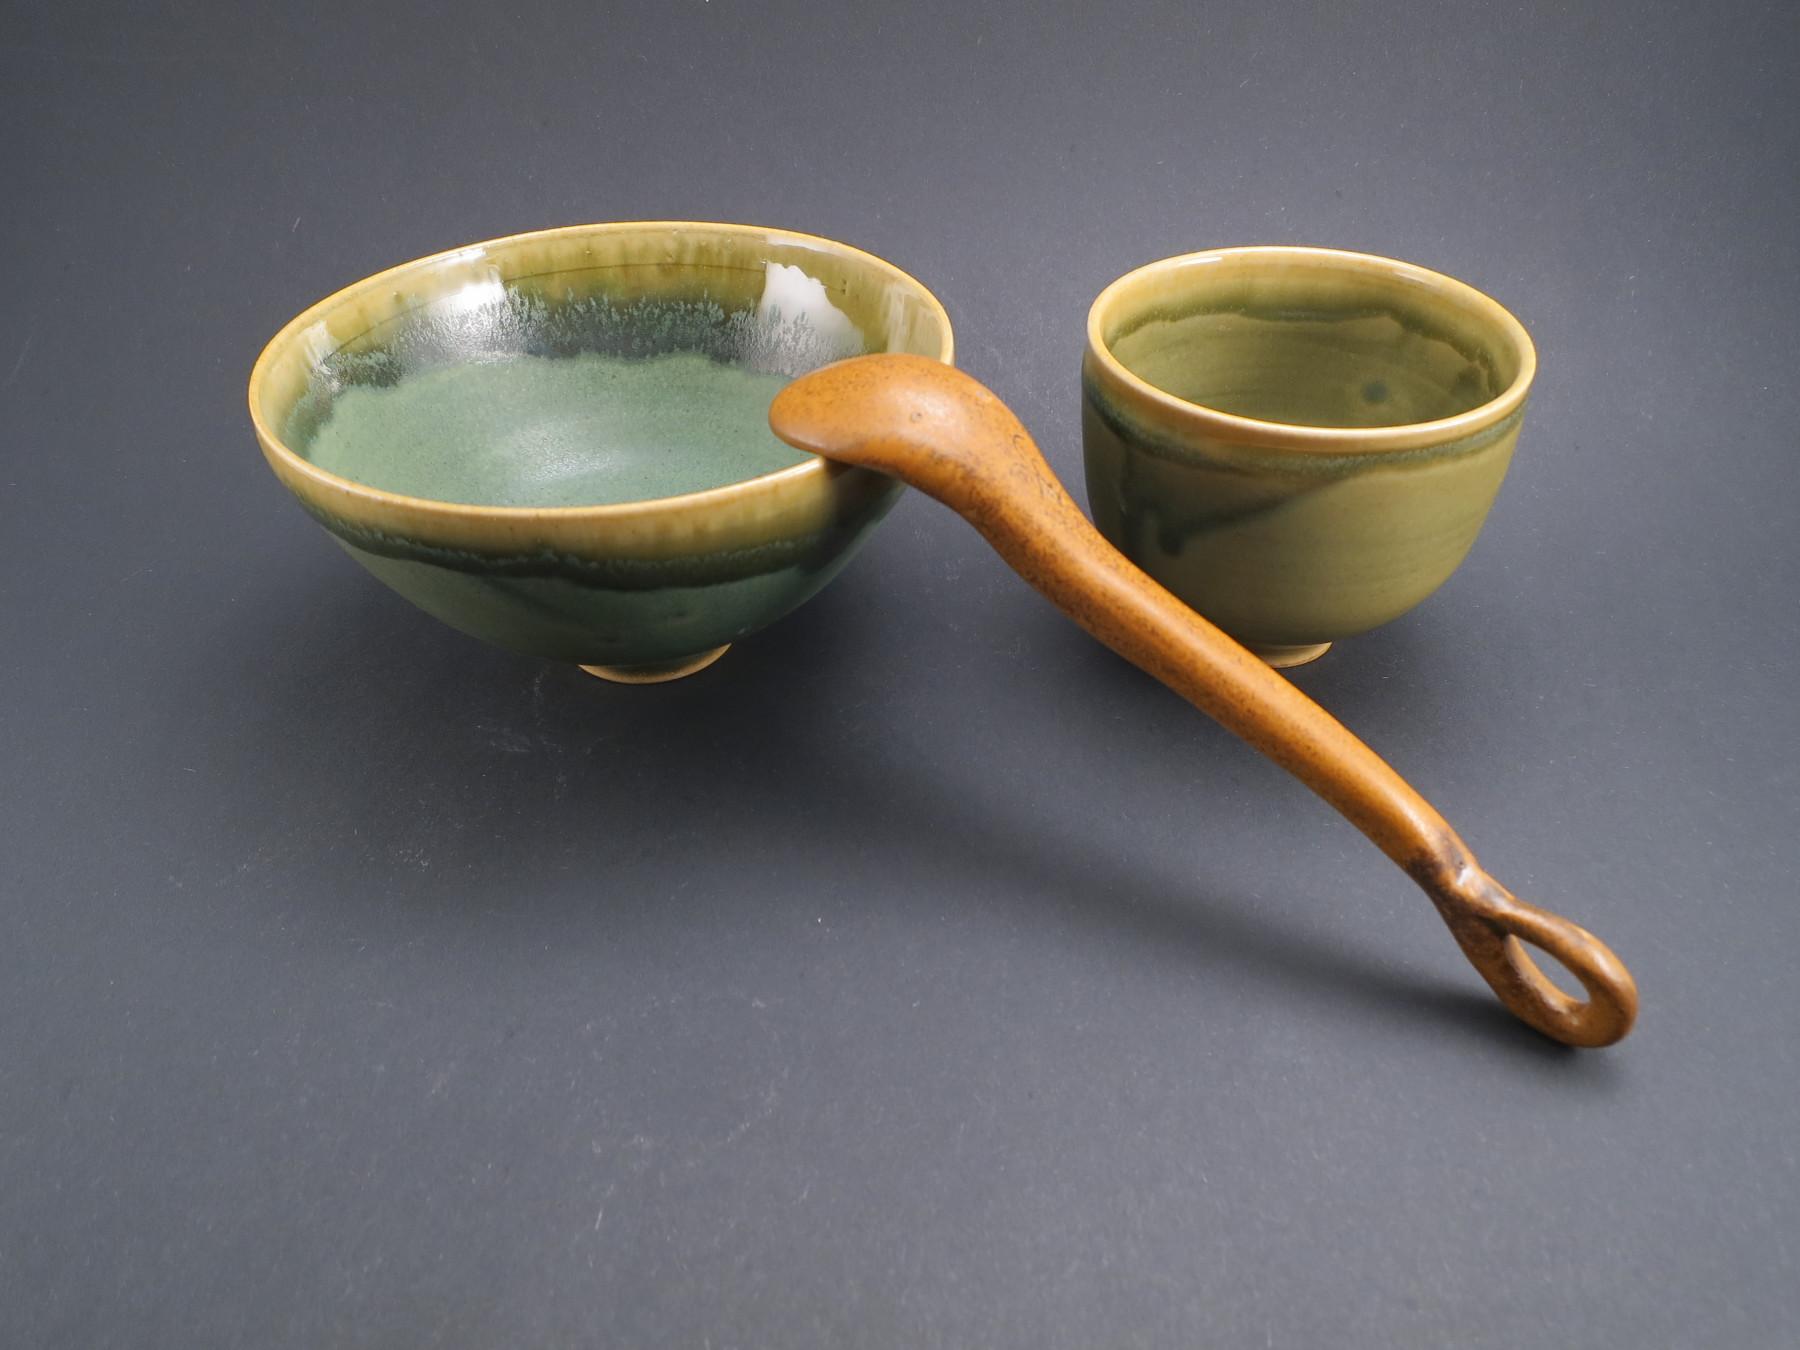 Tea Cups for Green Tea Ceremony - Ildikó Károlyi